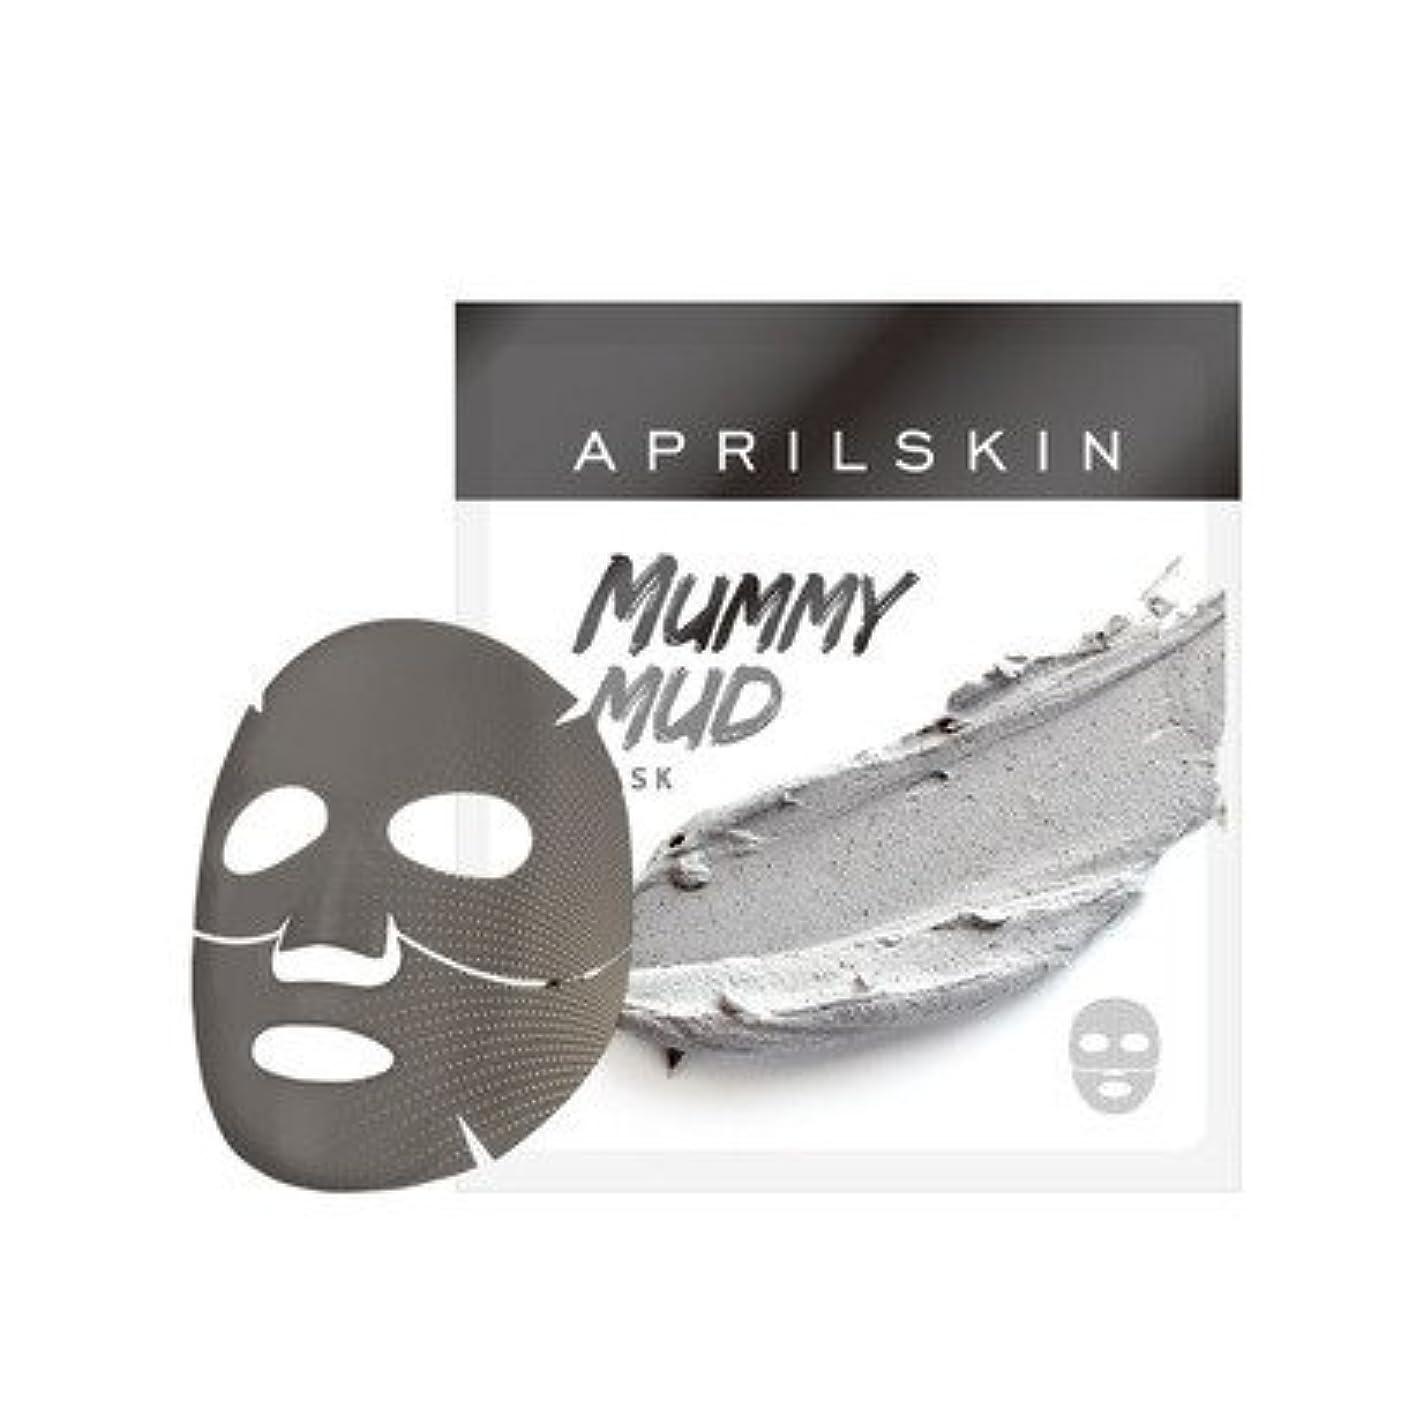 オーブン黙閲覧するAPRILSKIN MUMMY MUD MASK/エイプリルスキン ミイラ泥マスク 1枚 [並行輸入品]